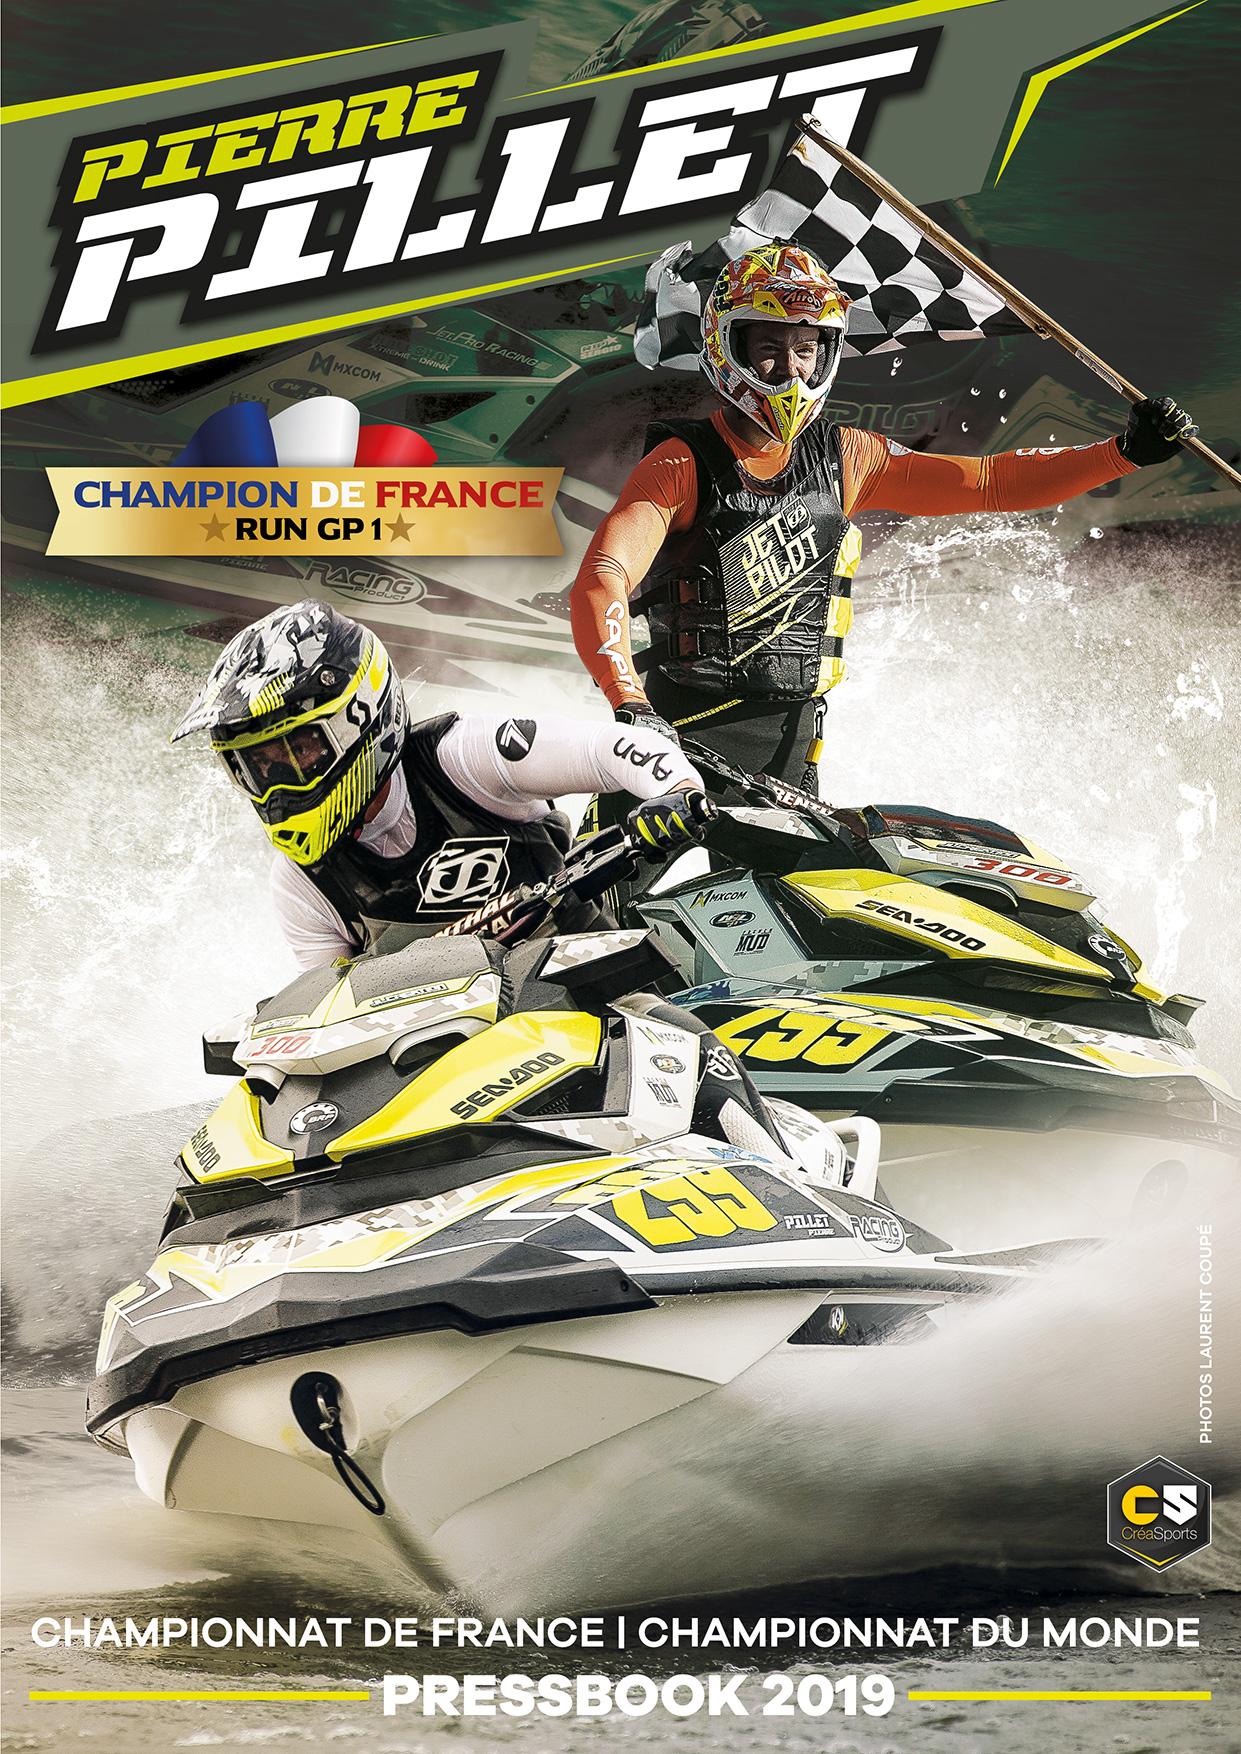 pressbook jet ski pierre pillet champion de france